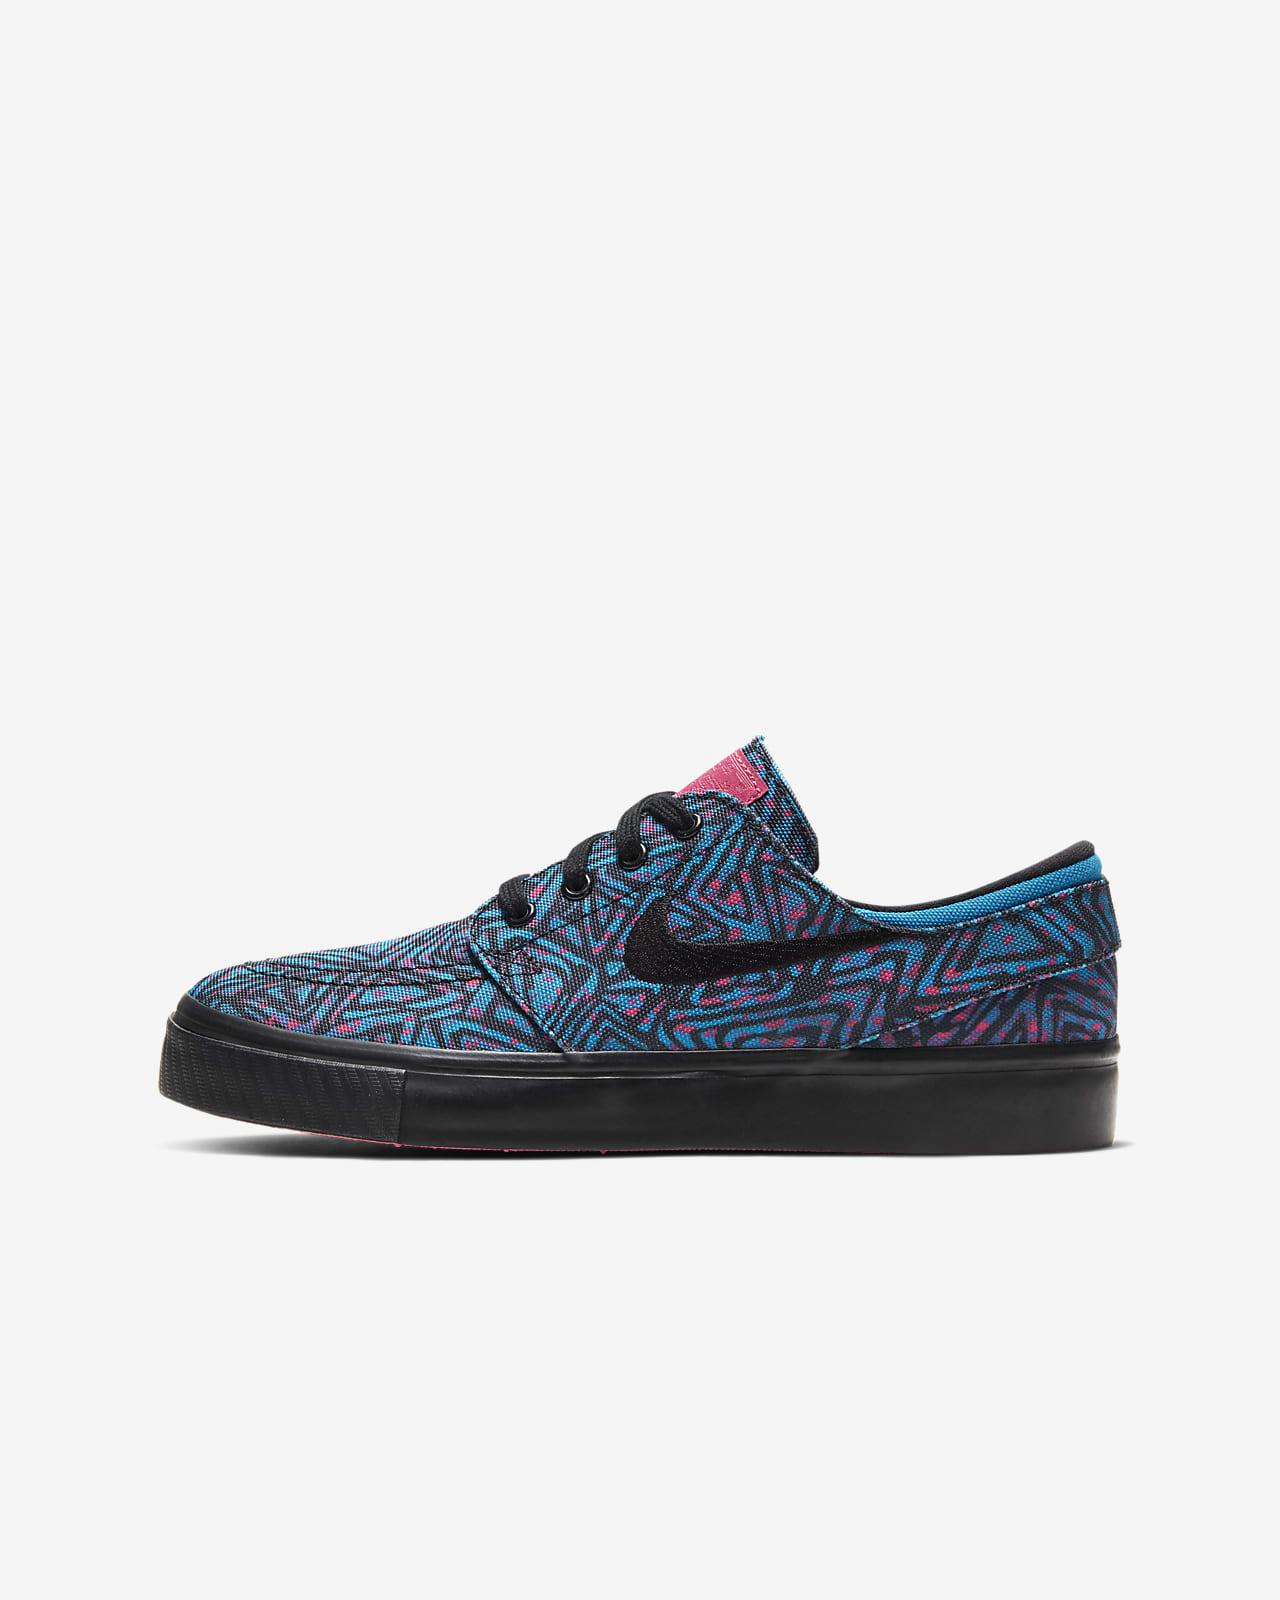 Empresario Betsy Trotwood Reducción de precios  Nike SB Stefan Janoski Canvas Premium Older Kids' Skate Shoe. Nike LU